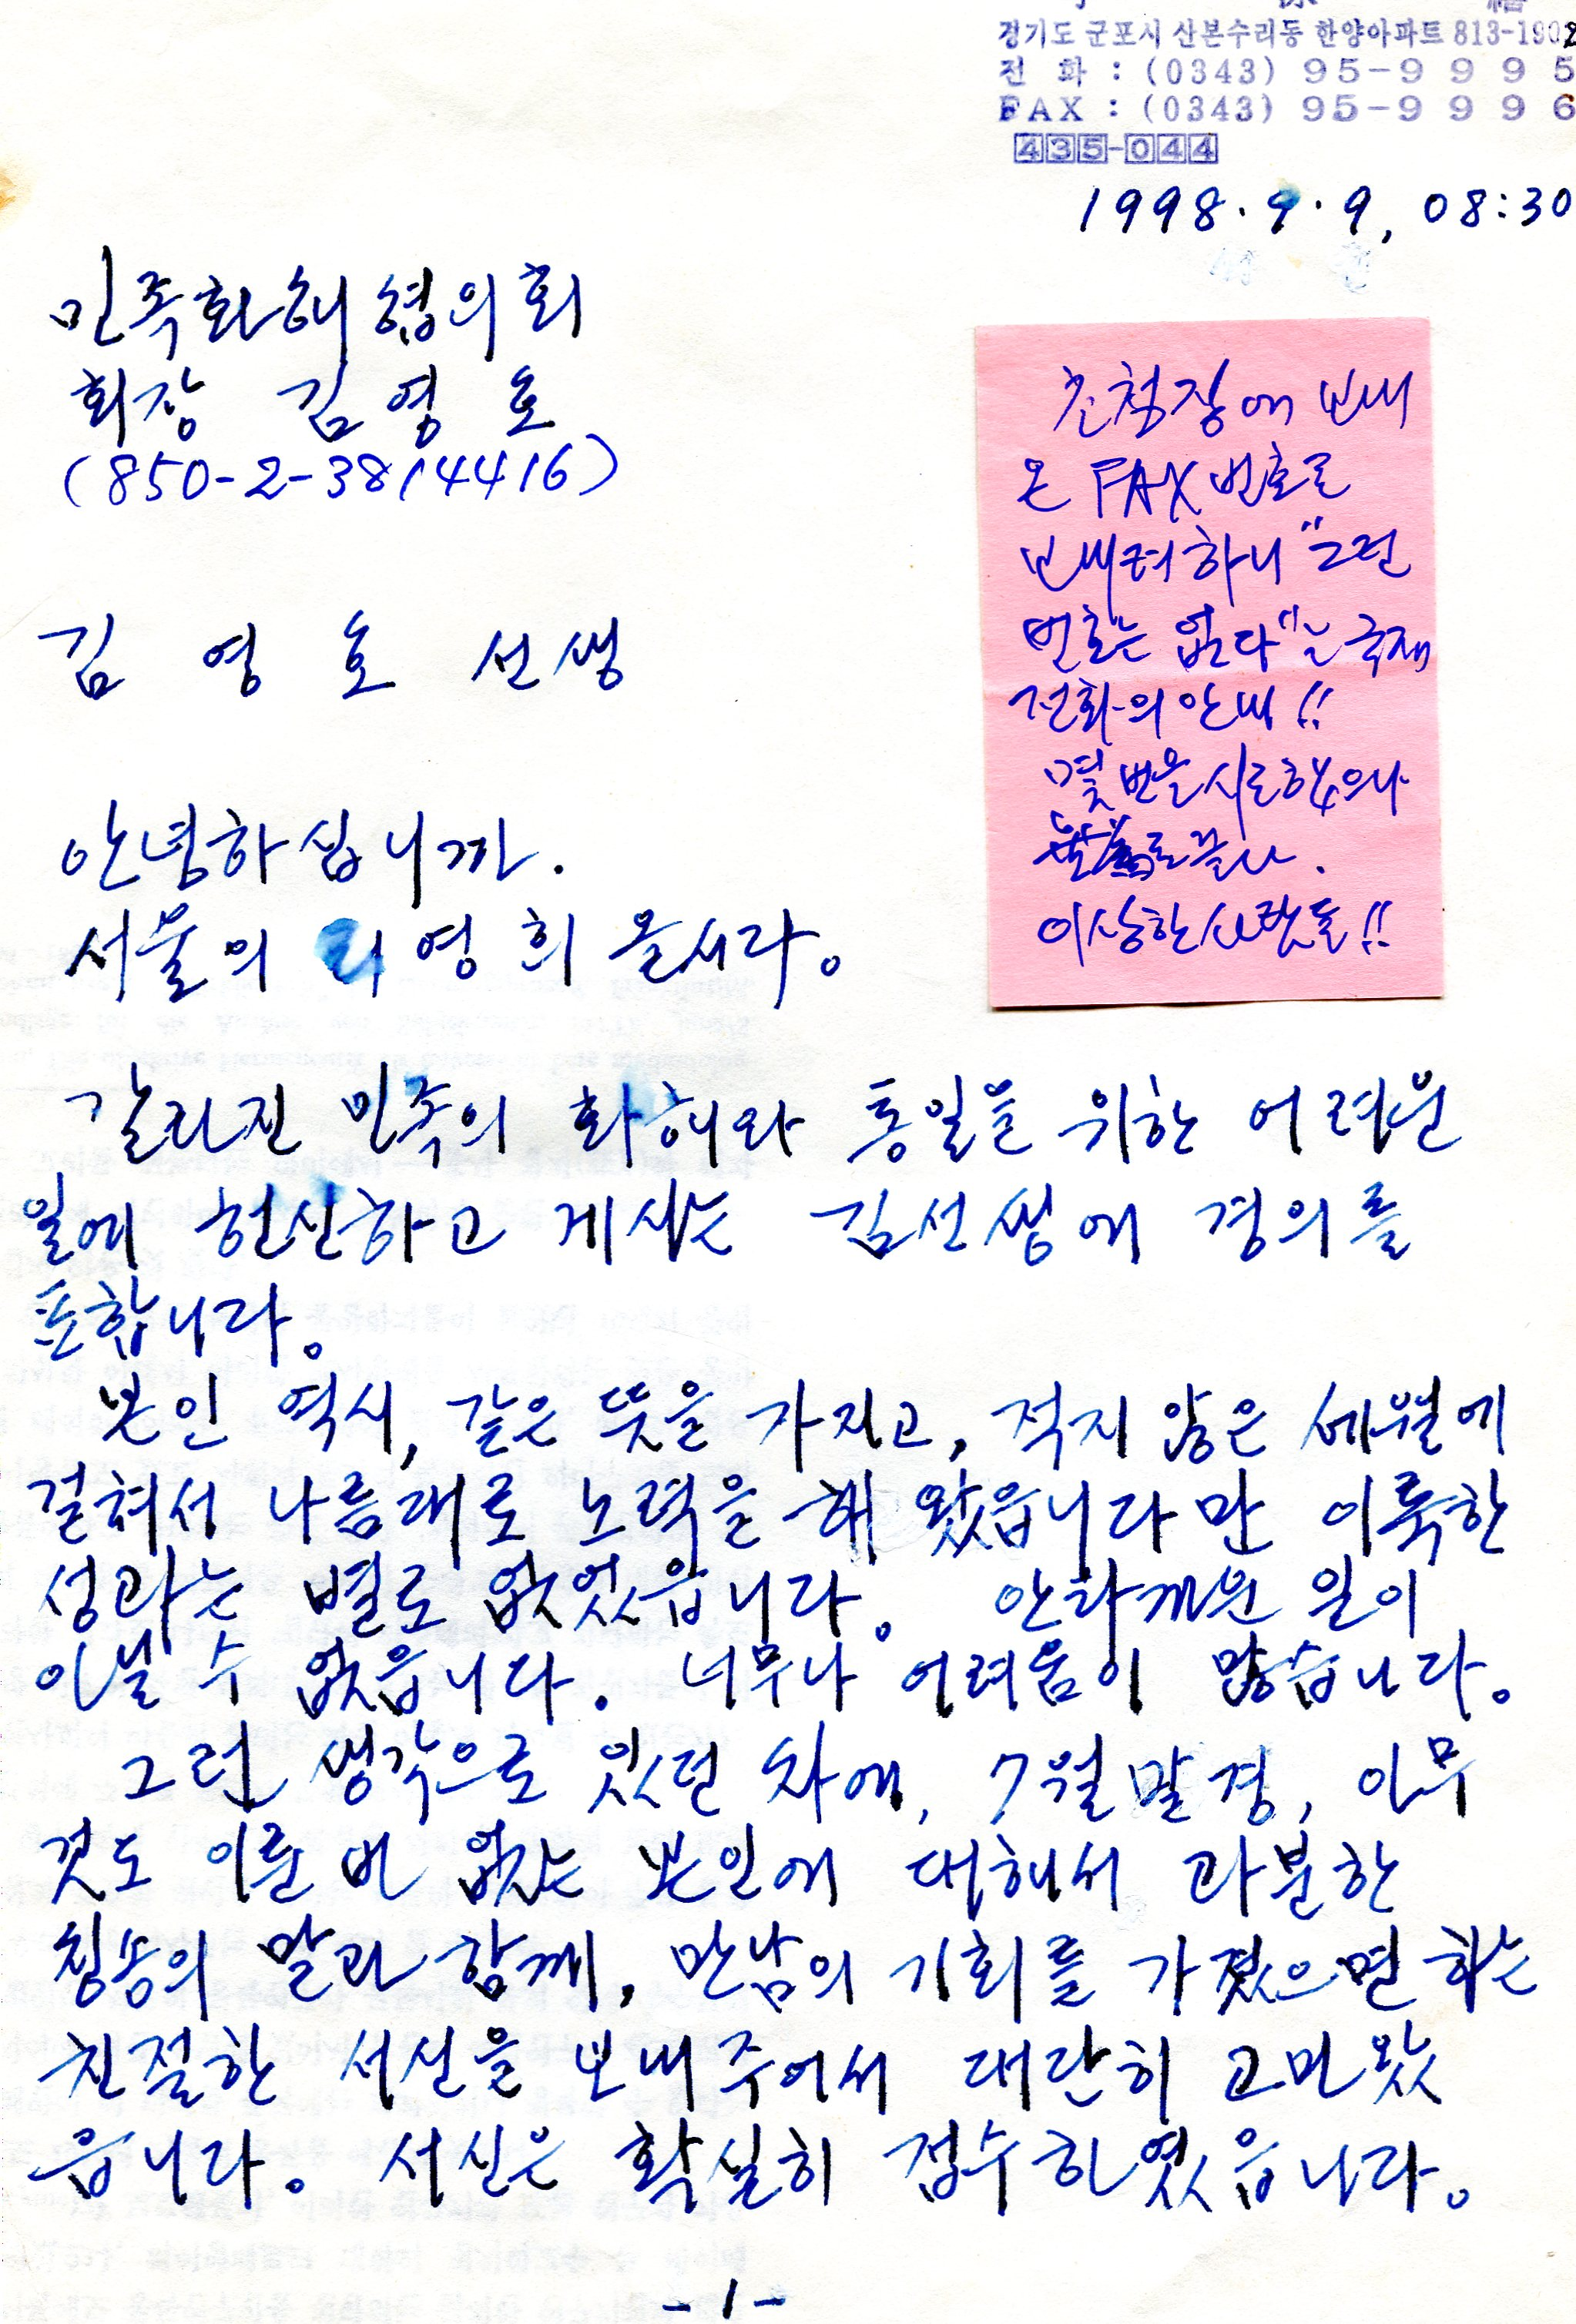 민화협-김영호회장에게-보내는-서신-1998.jpg